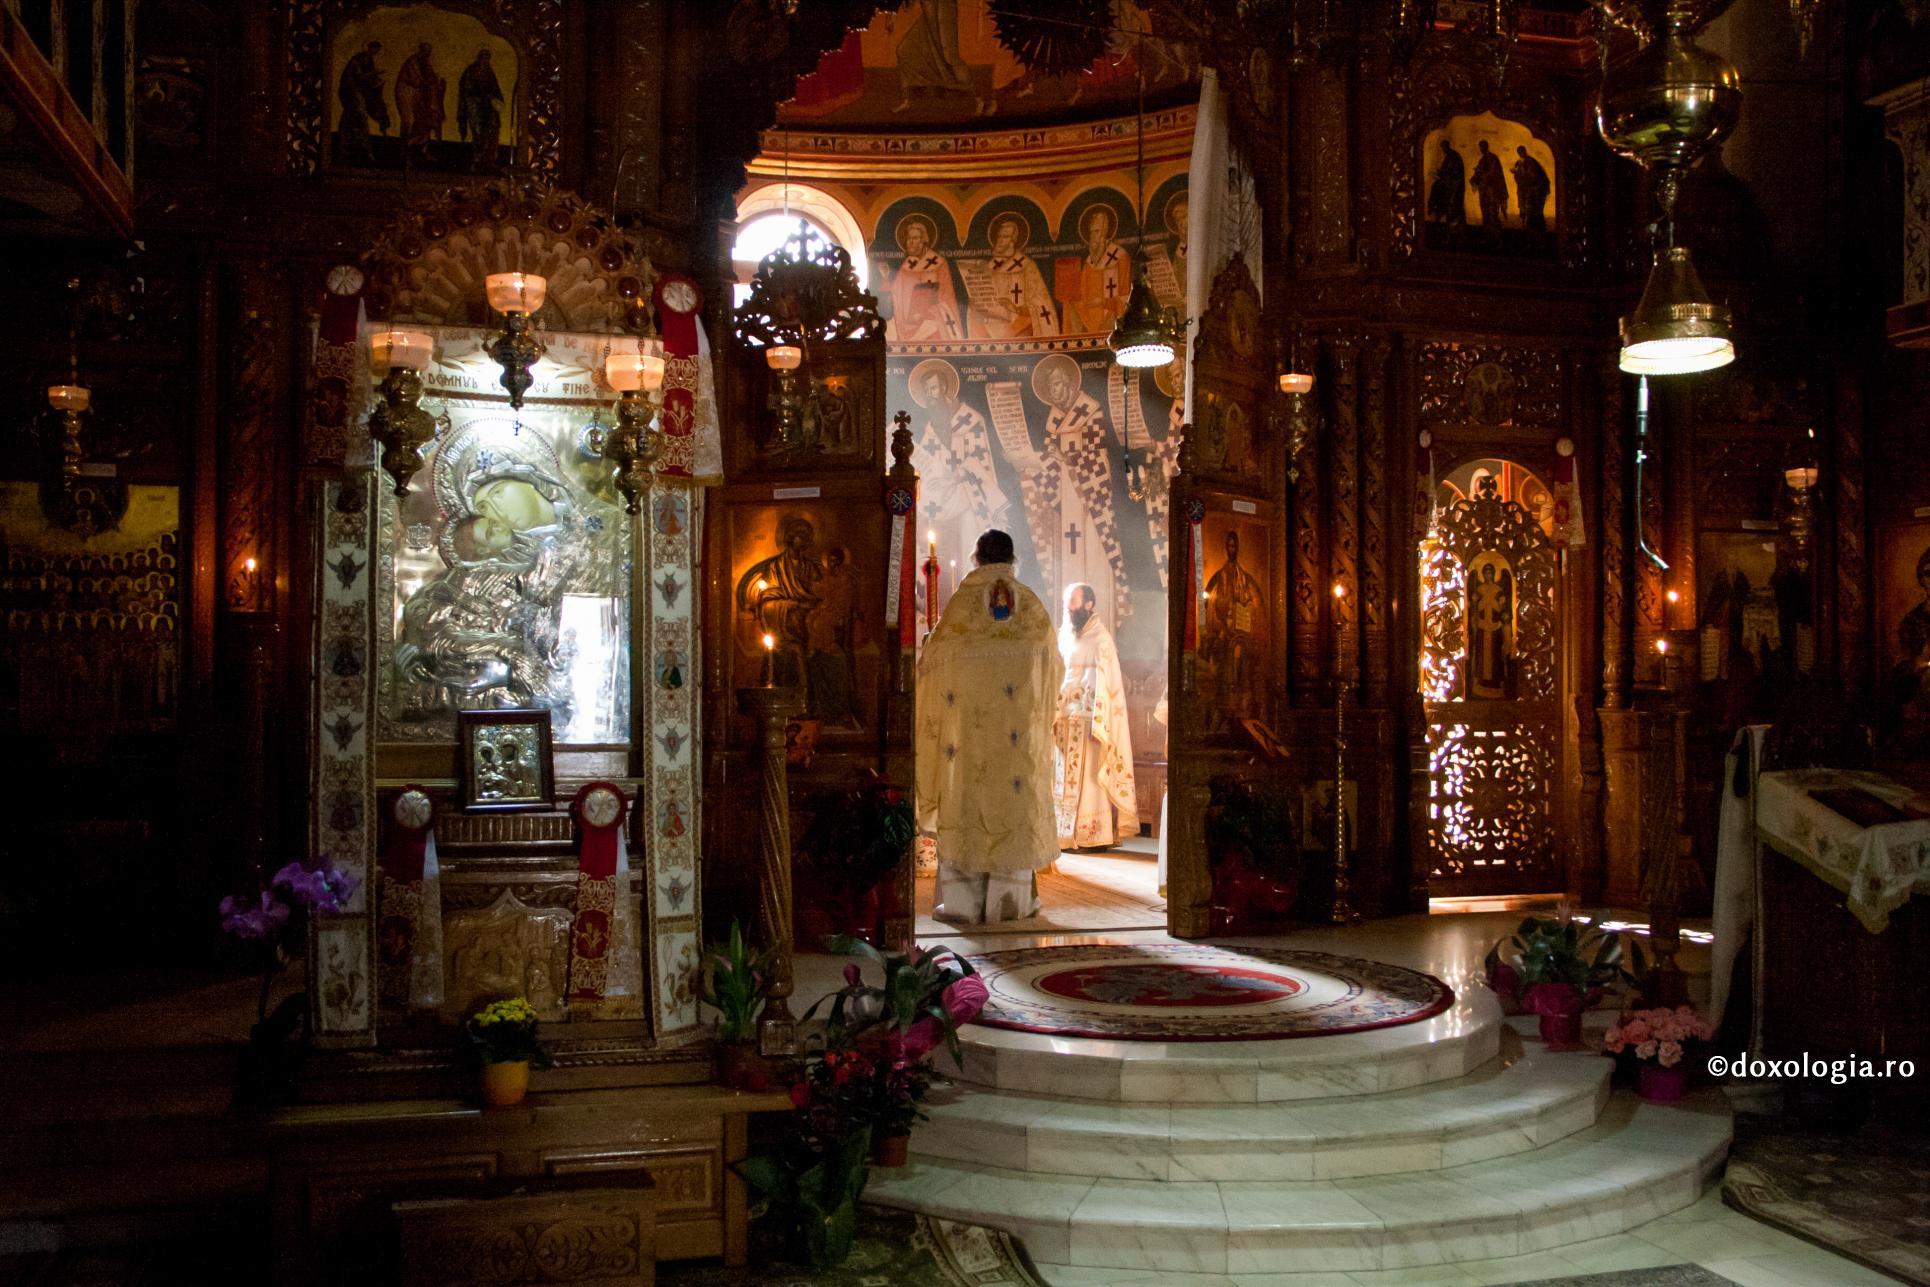 Lucrarea sfințitoare a Tainelor săvârșite de Dumnezeu prin preot | Doxologia